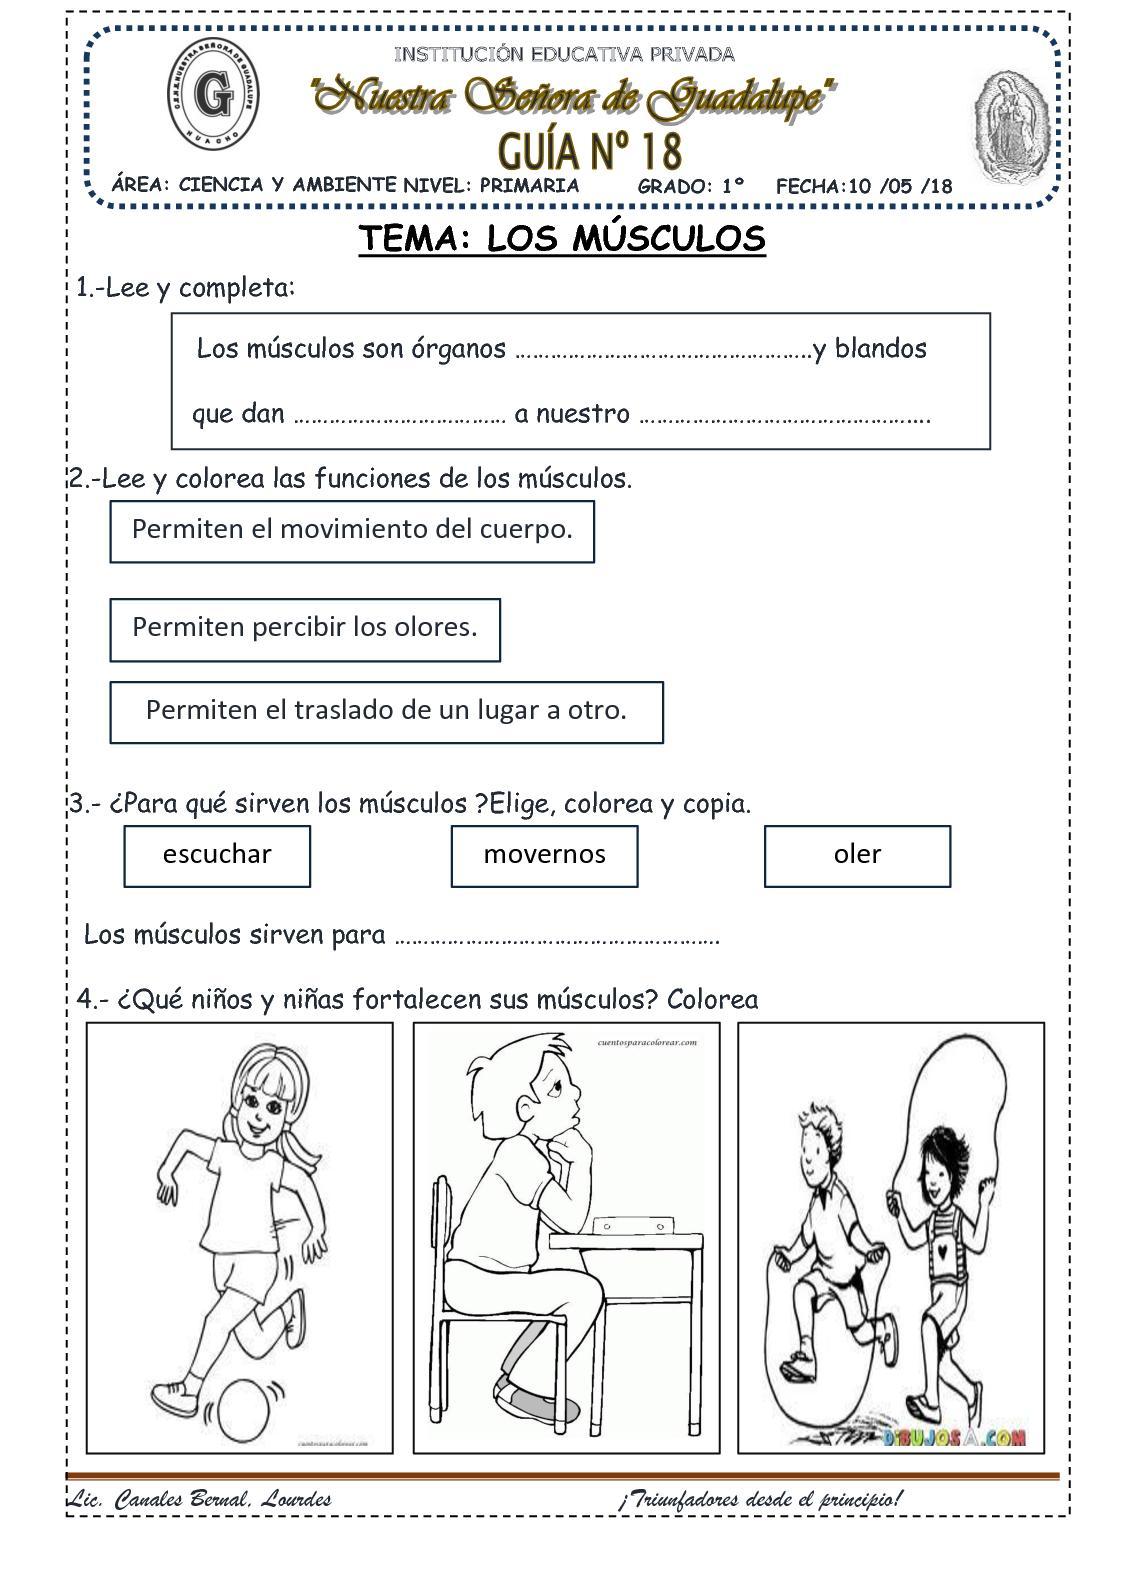 Famoso Diagrama De Músculo Para Los Niños Ilustración - Anatomía de ...